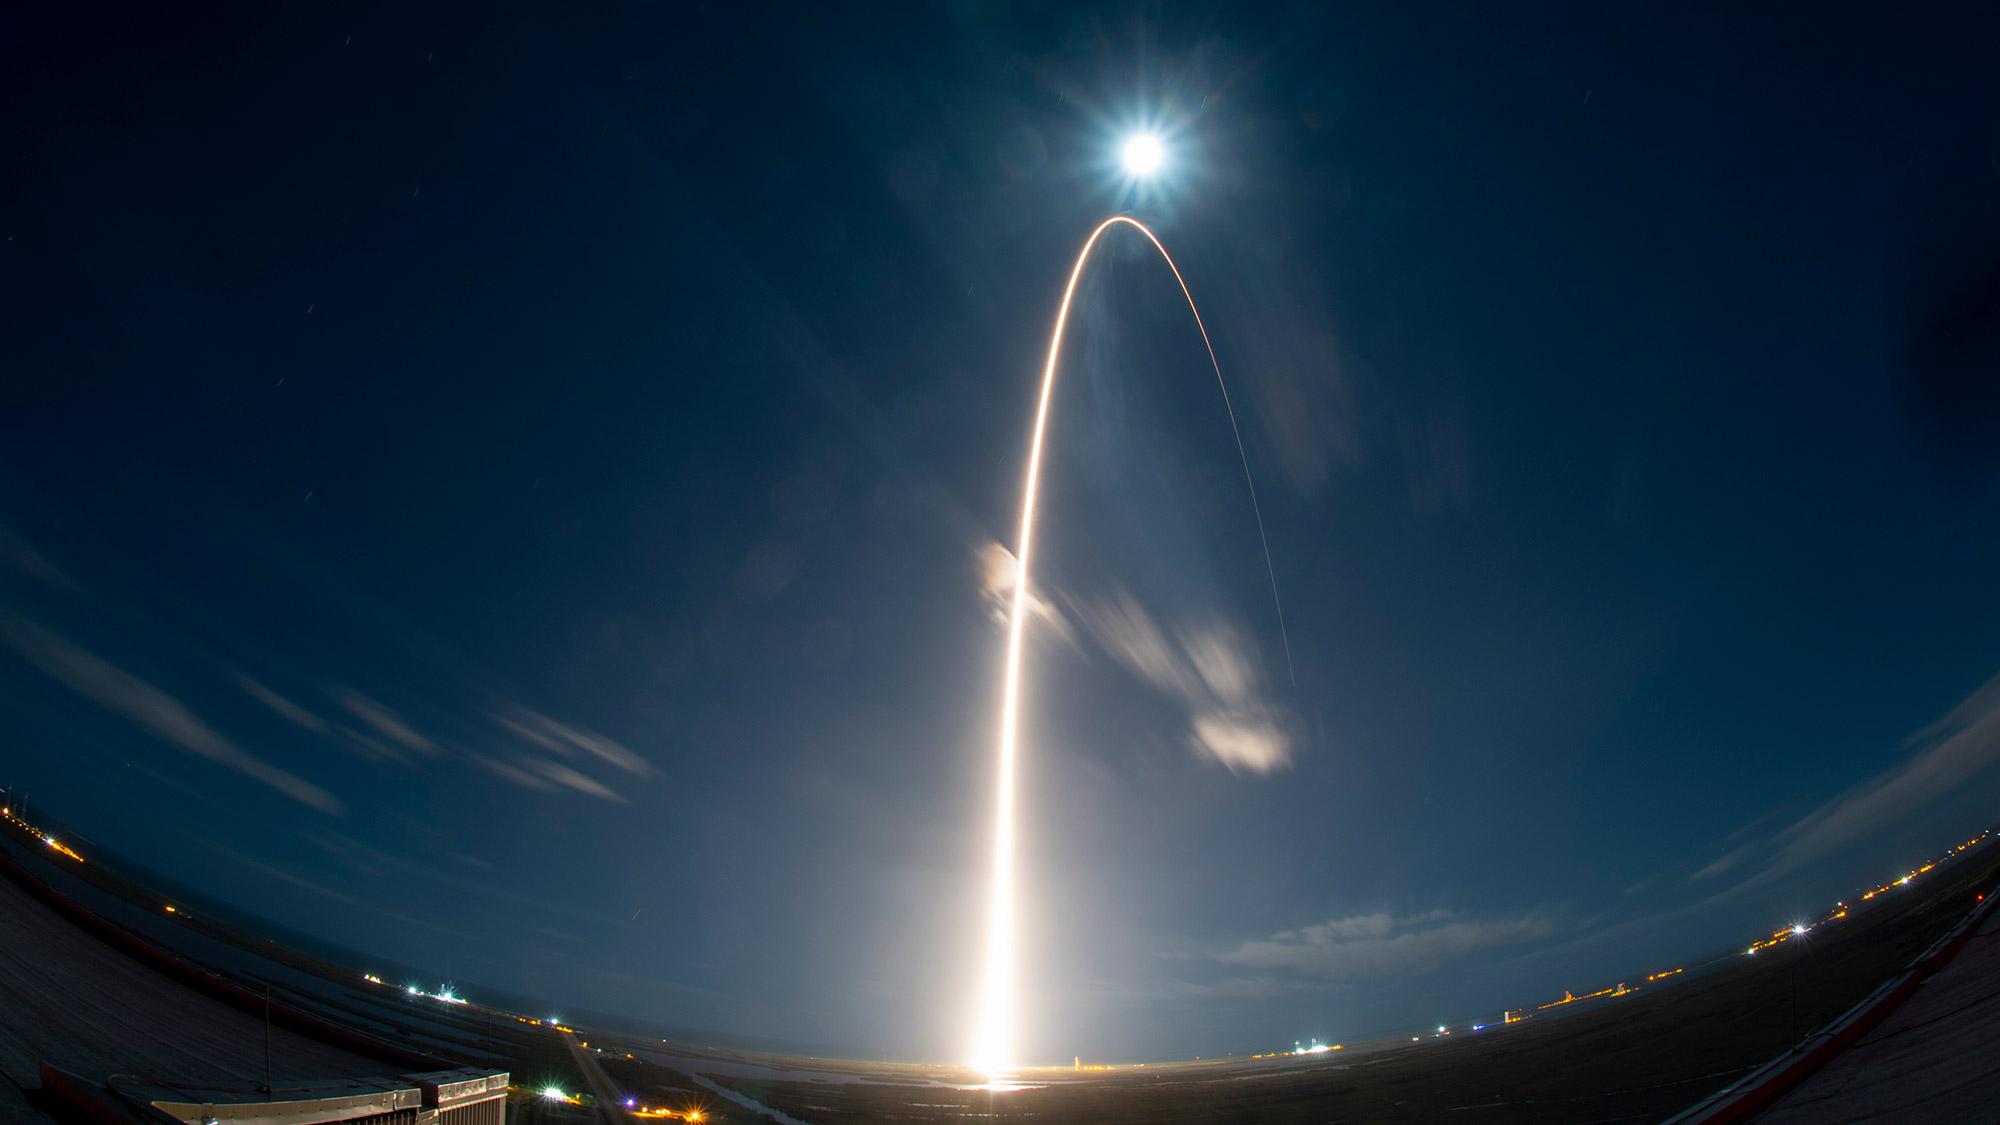 Una nueva y emocionante misión fue lanzada a estudiar el Sol